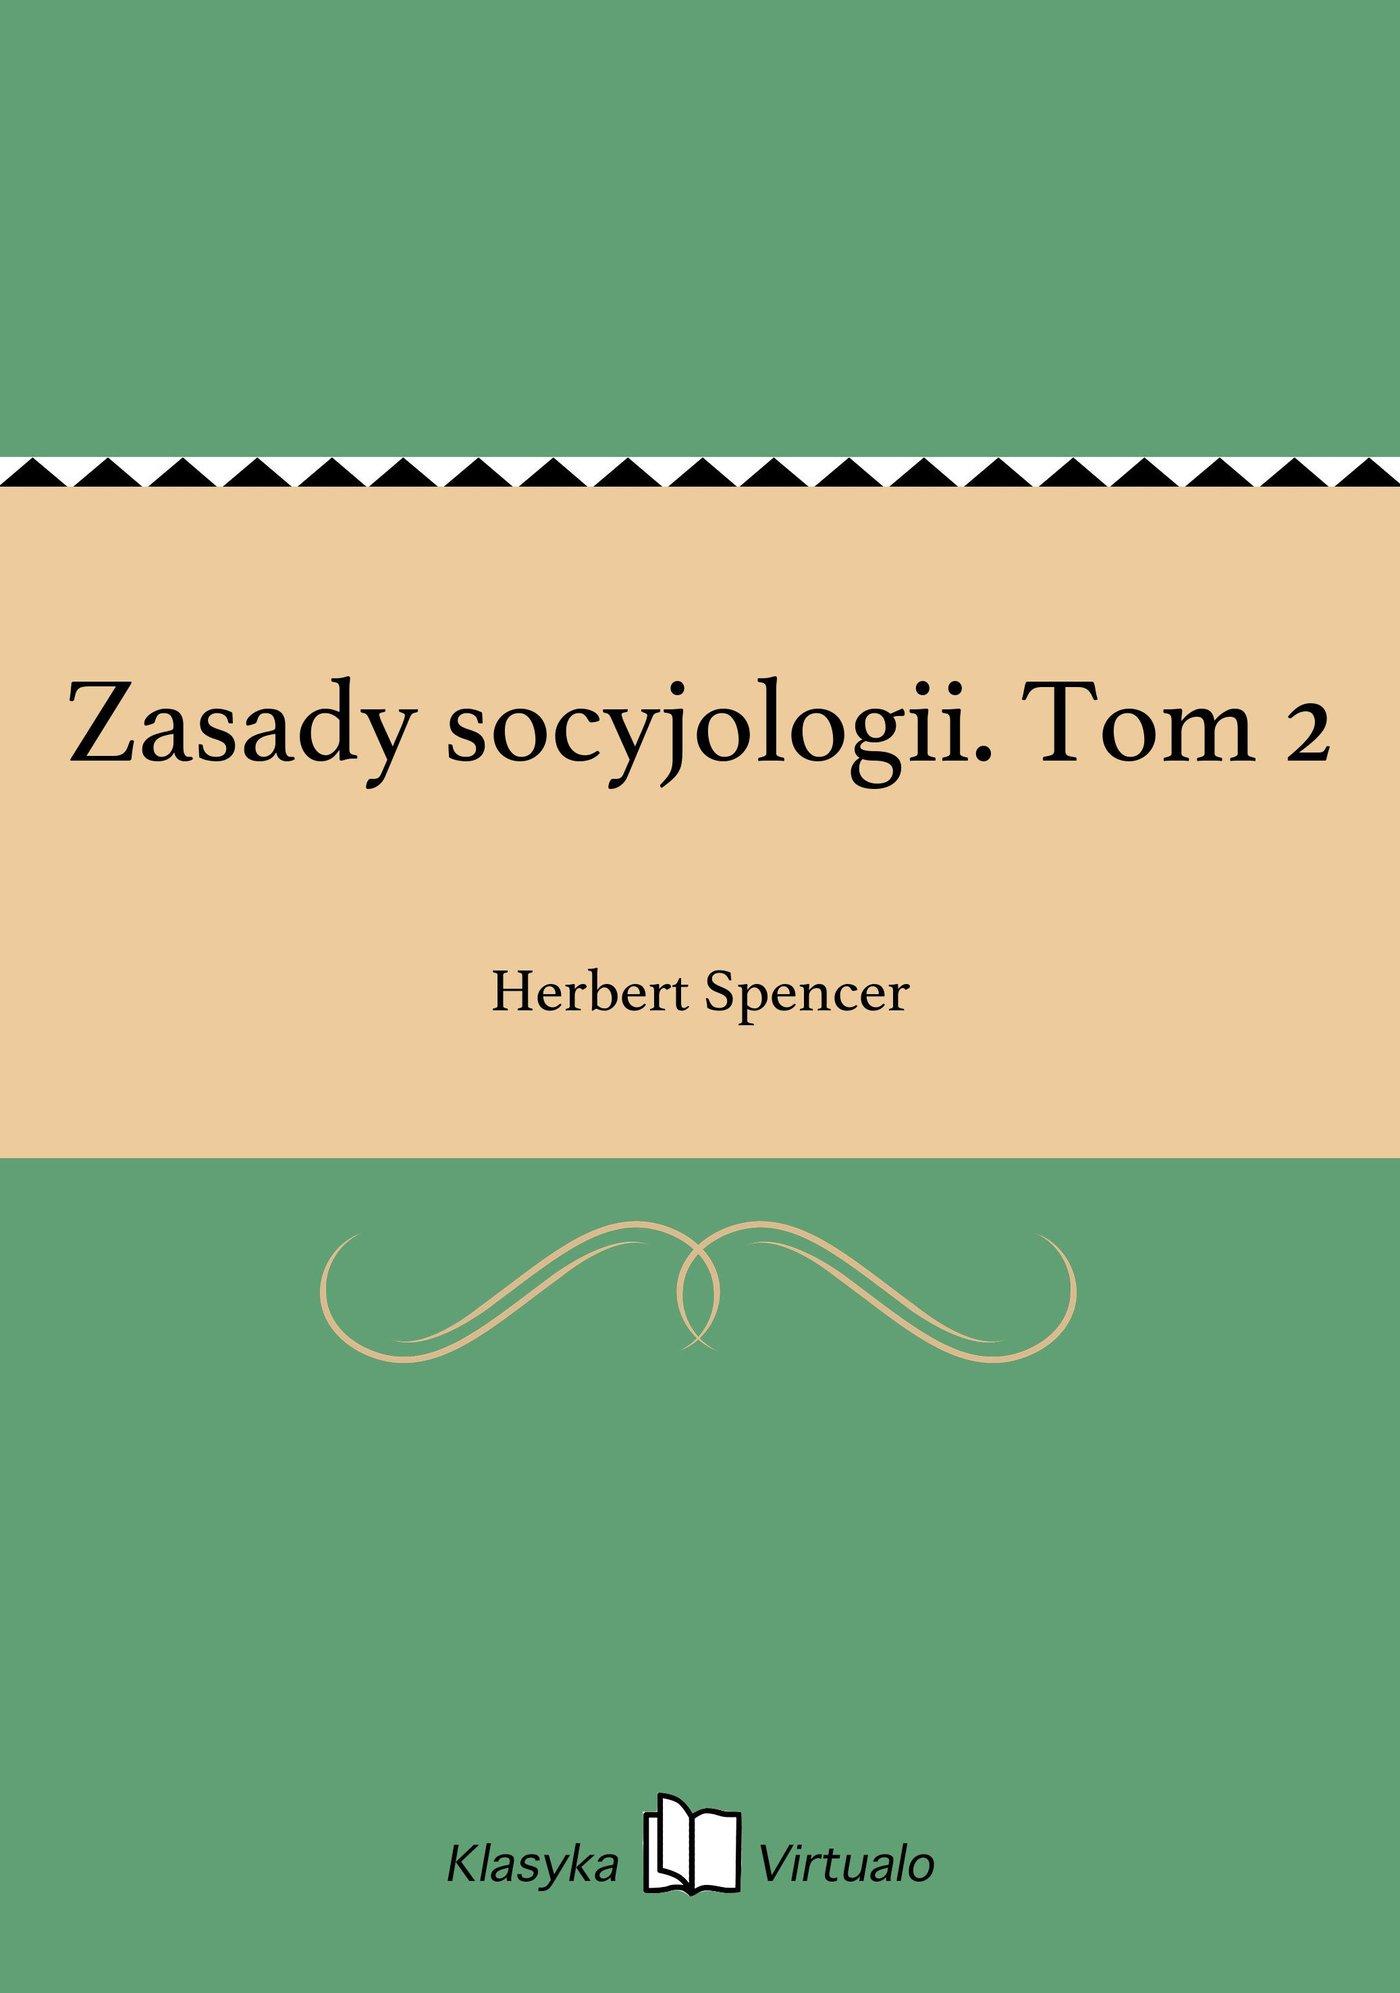 Zasady socyjologii. Tom 2 - Ebook (Książka na Kindle) do pobrania w formacie MOBI